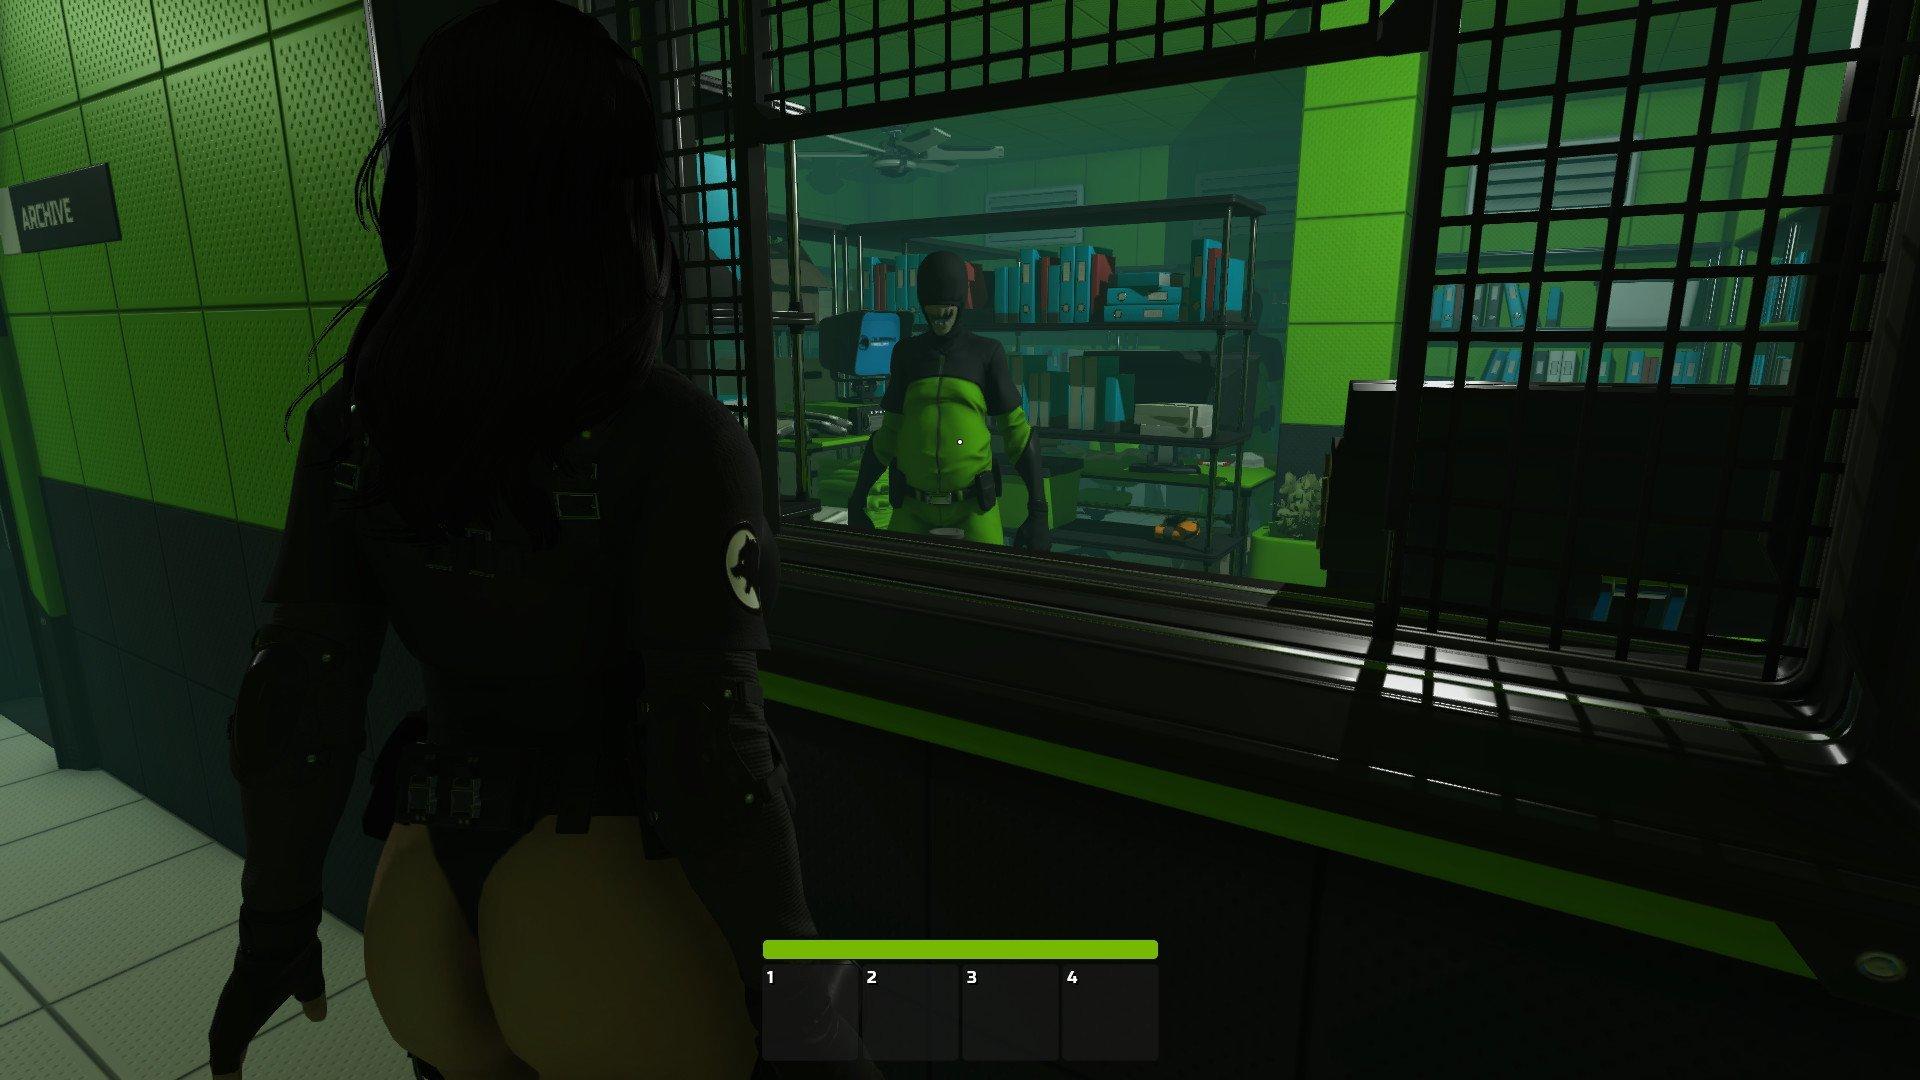 Скриншот к игре Haydee 2 v.1.0.10 [Portable] (2020) скачать торрент Лицензия